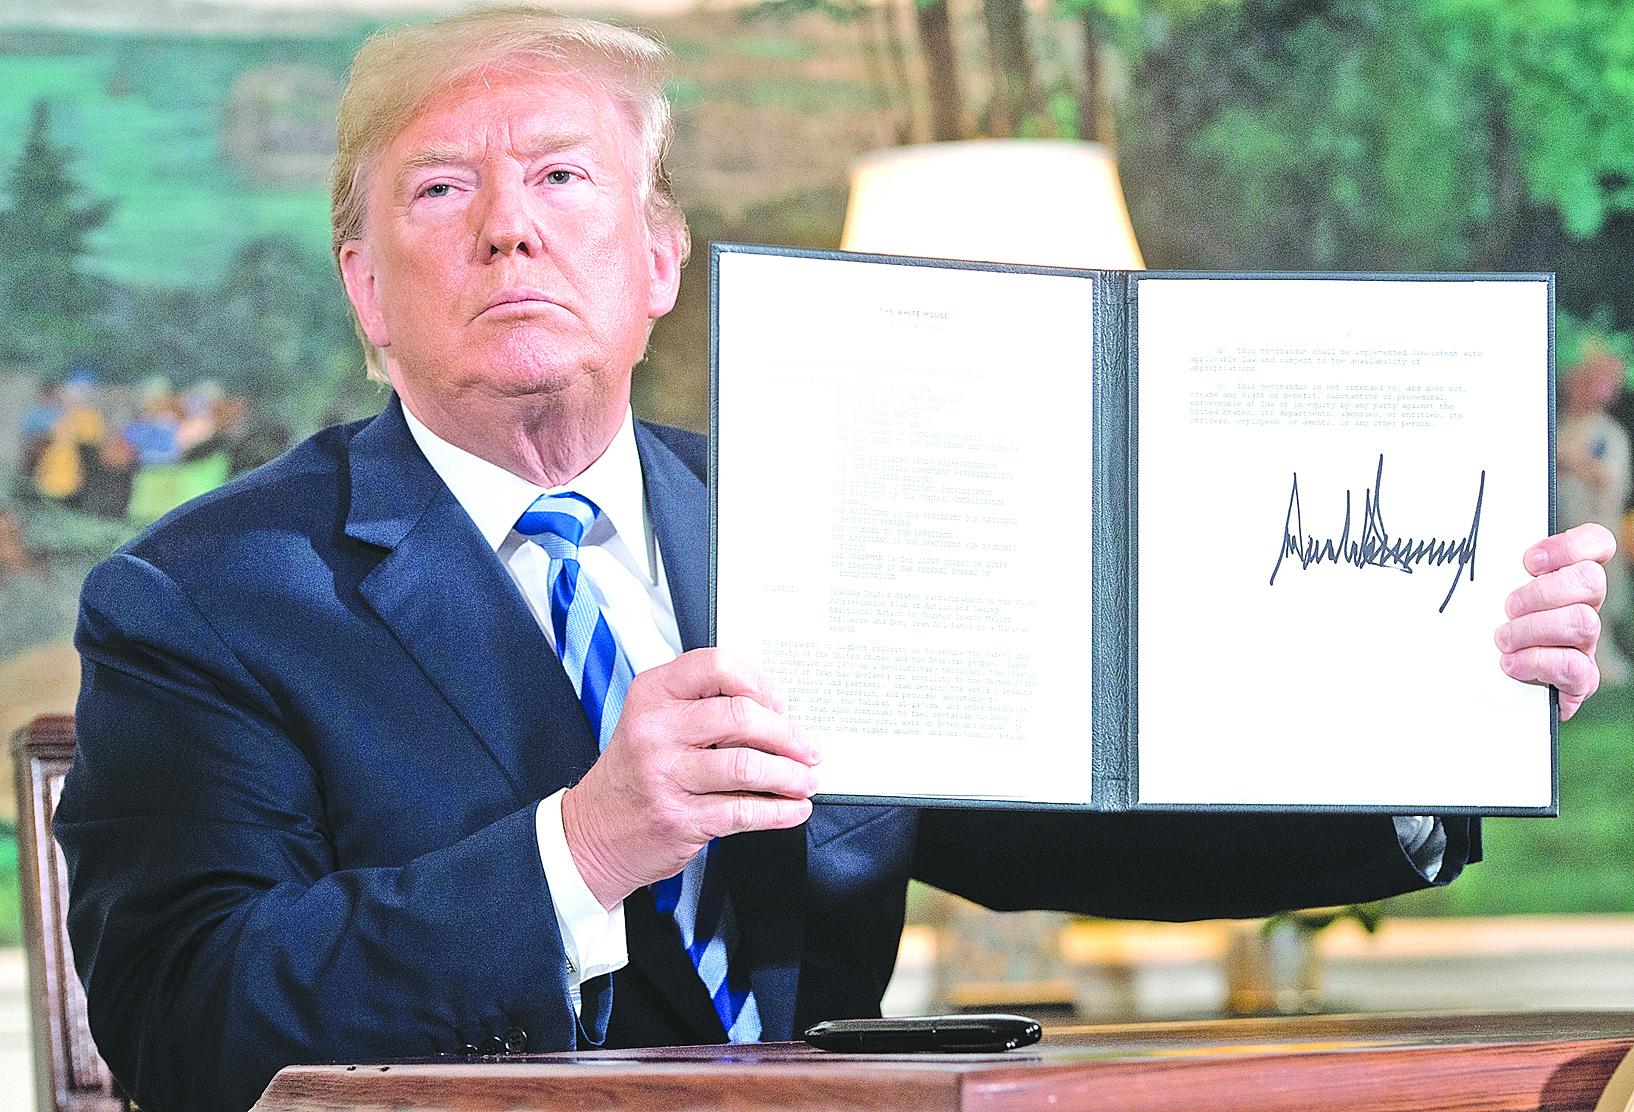 特朗普總統5月8日簽署了一份行政備忘錄,啟動了美國撤出伊朗核協議的進程。伊朗對華原油出口也將受限。 (SAUL LOEB/AFP/Getty Images)